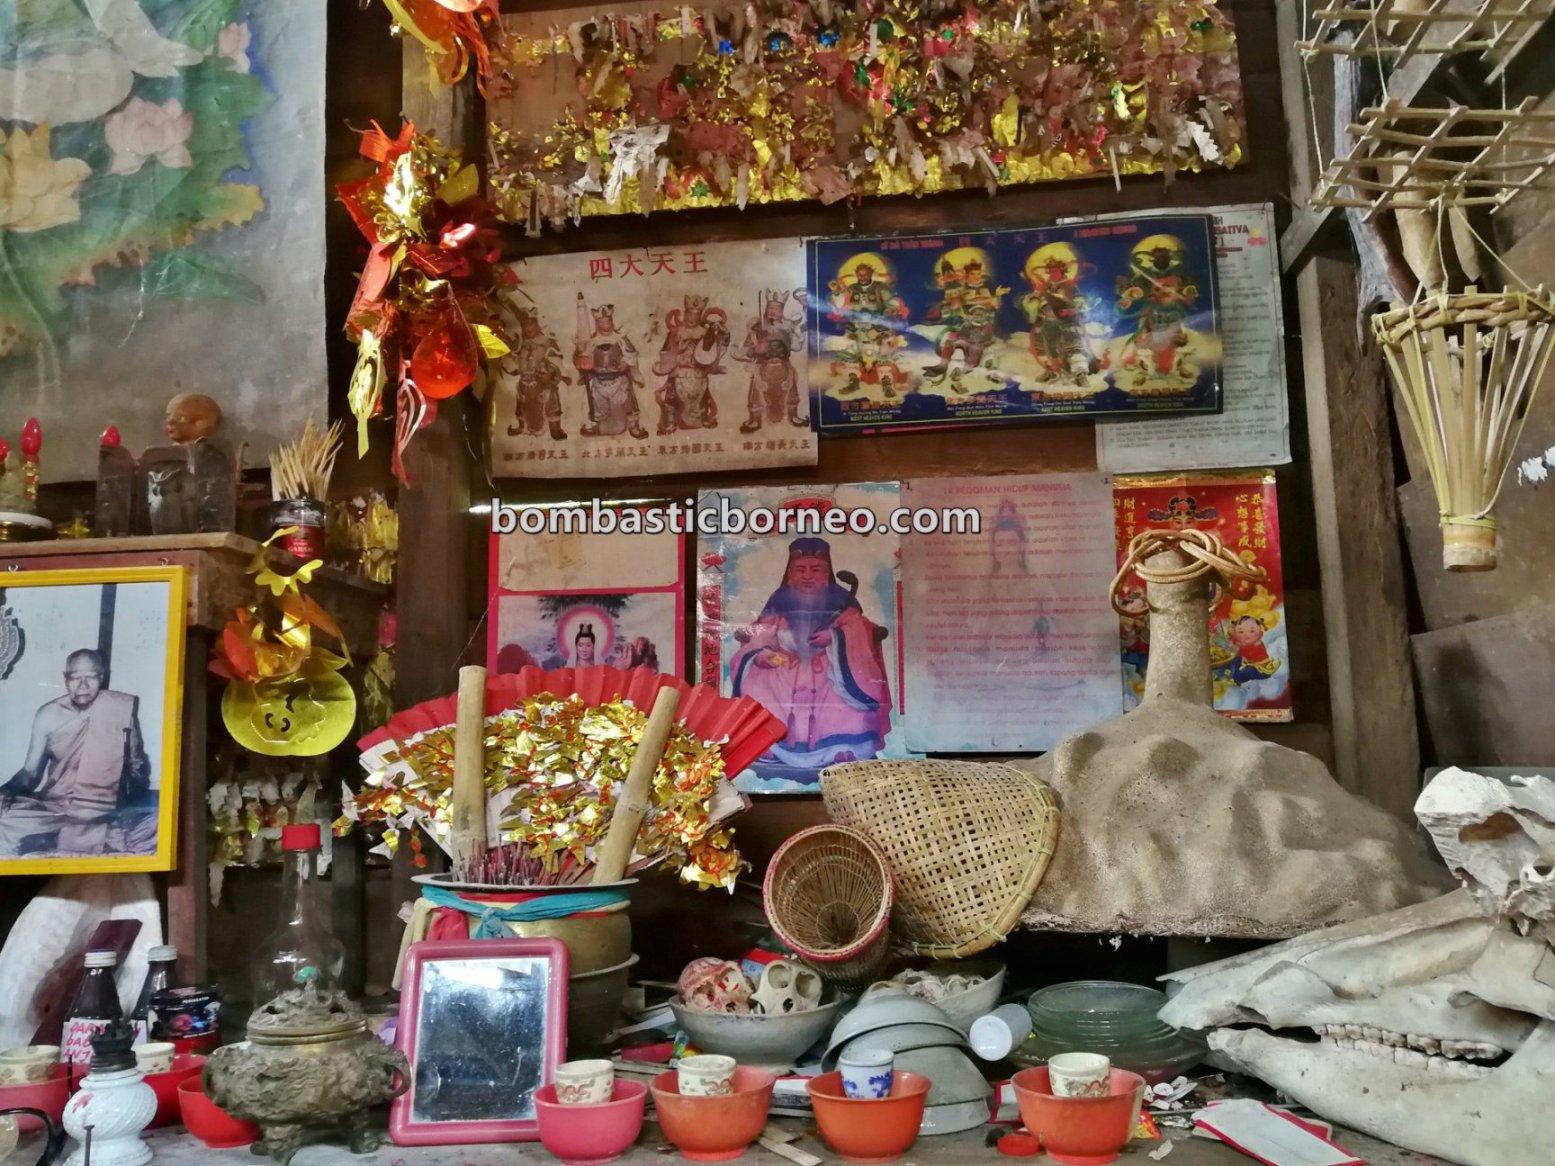 Panglima Siru, Sifu, Sufu, Shaman, healer, dayak, Kalimantan Barat, Dusun Paling Dalam, Sango, Sanggau Ledo, Travel, village, Cross Border, 探索婆罗洲游踪, 印尼西加里曼丹, 孟加映法師祭司